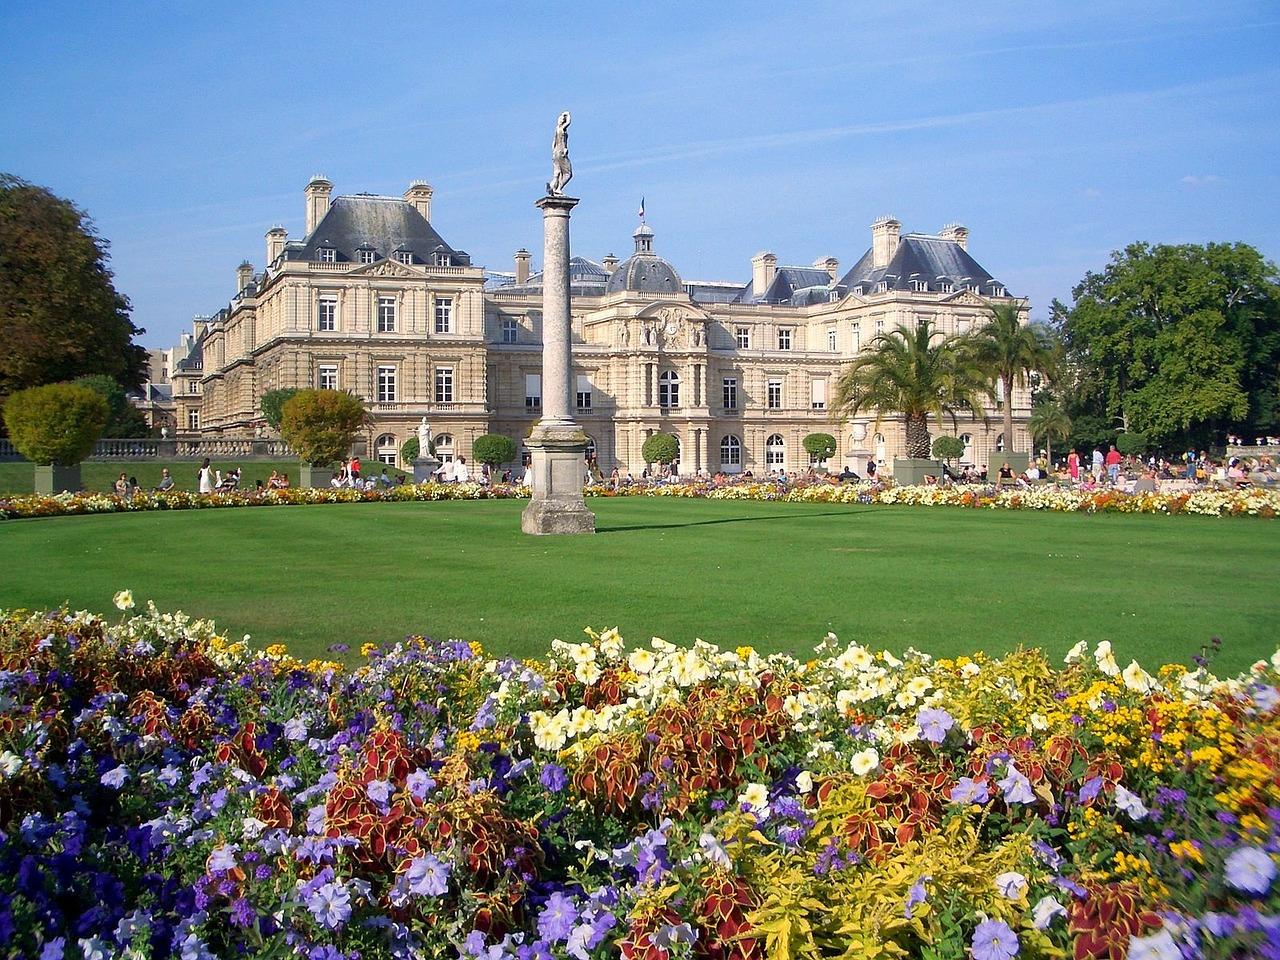 jardin-du-luxembourg-96401_1280